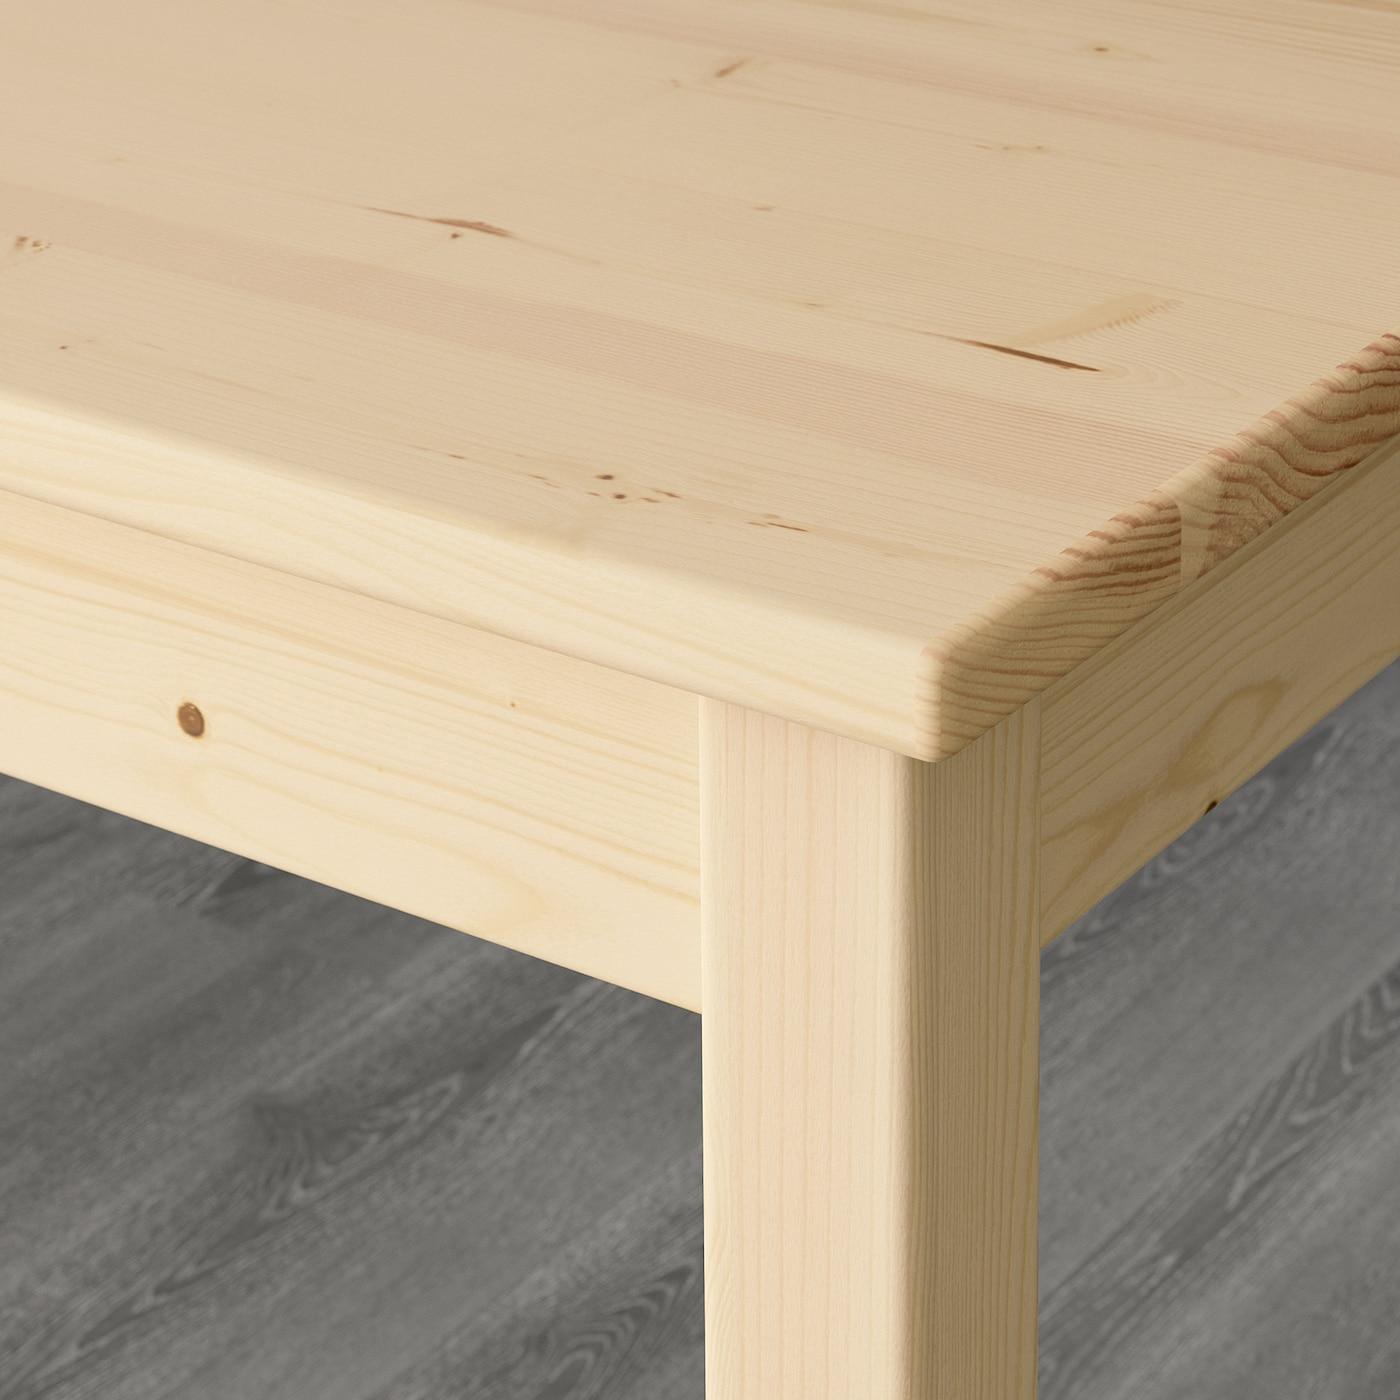 ingo table pine ikea